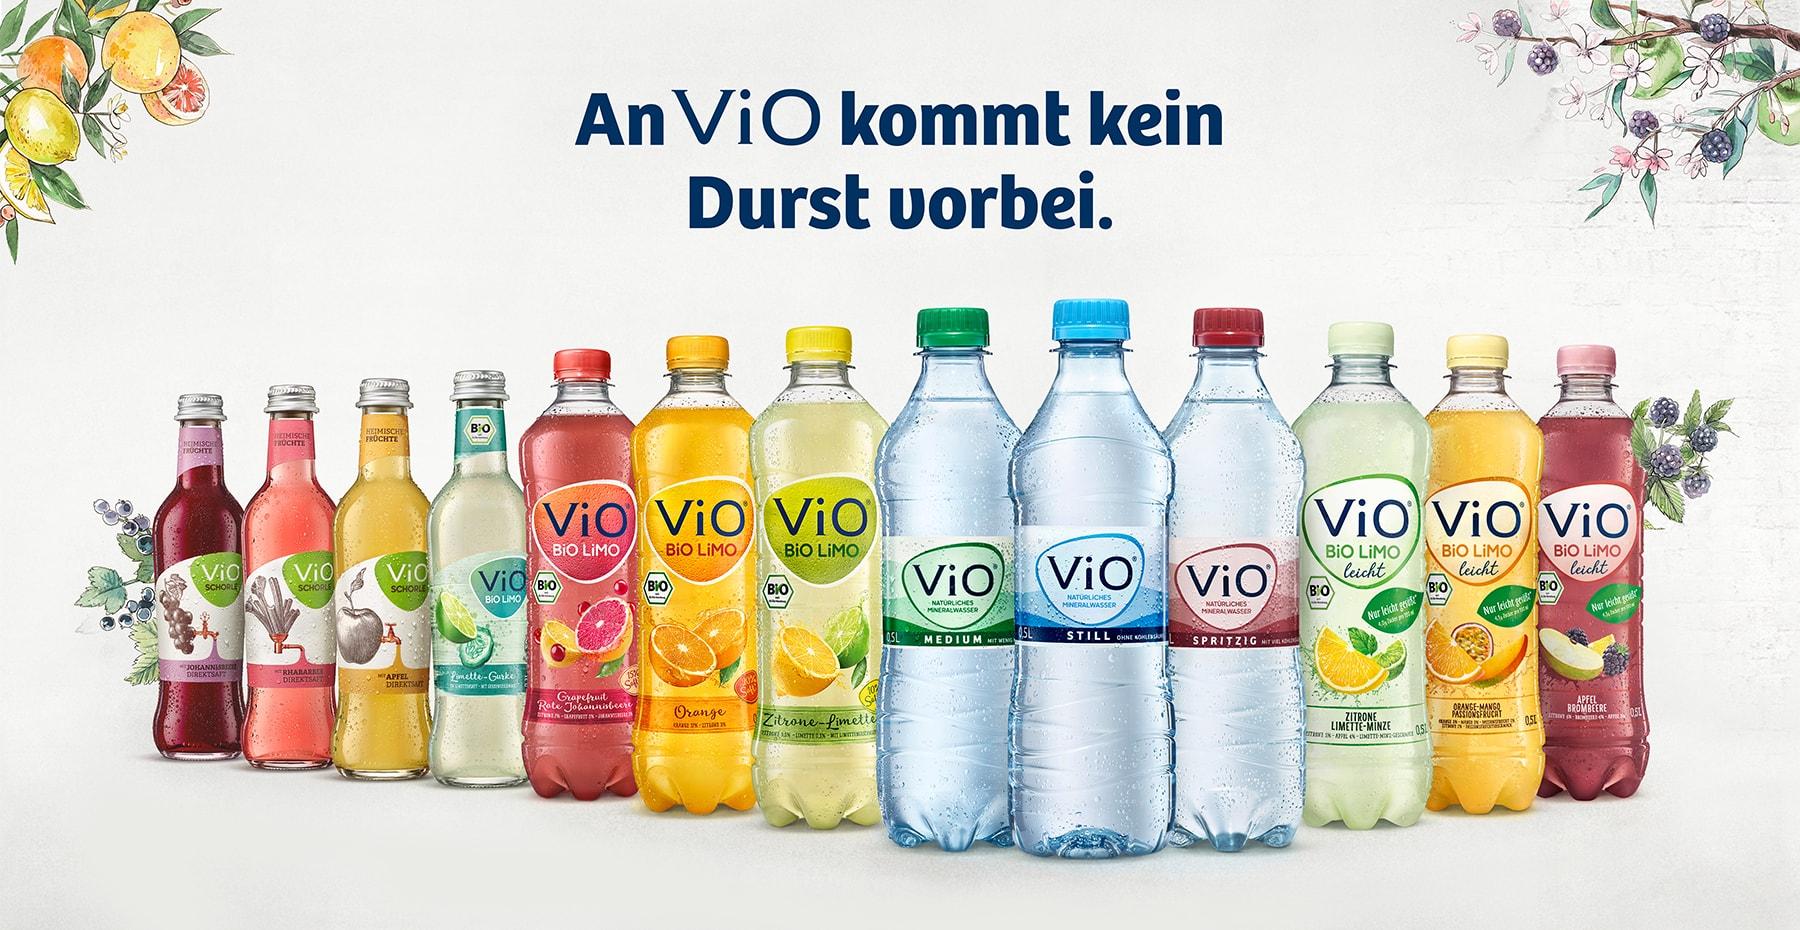 Wie heißt der Song aus der aktuellen Vio Bio Limo Werbung?